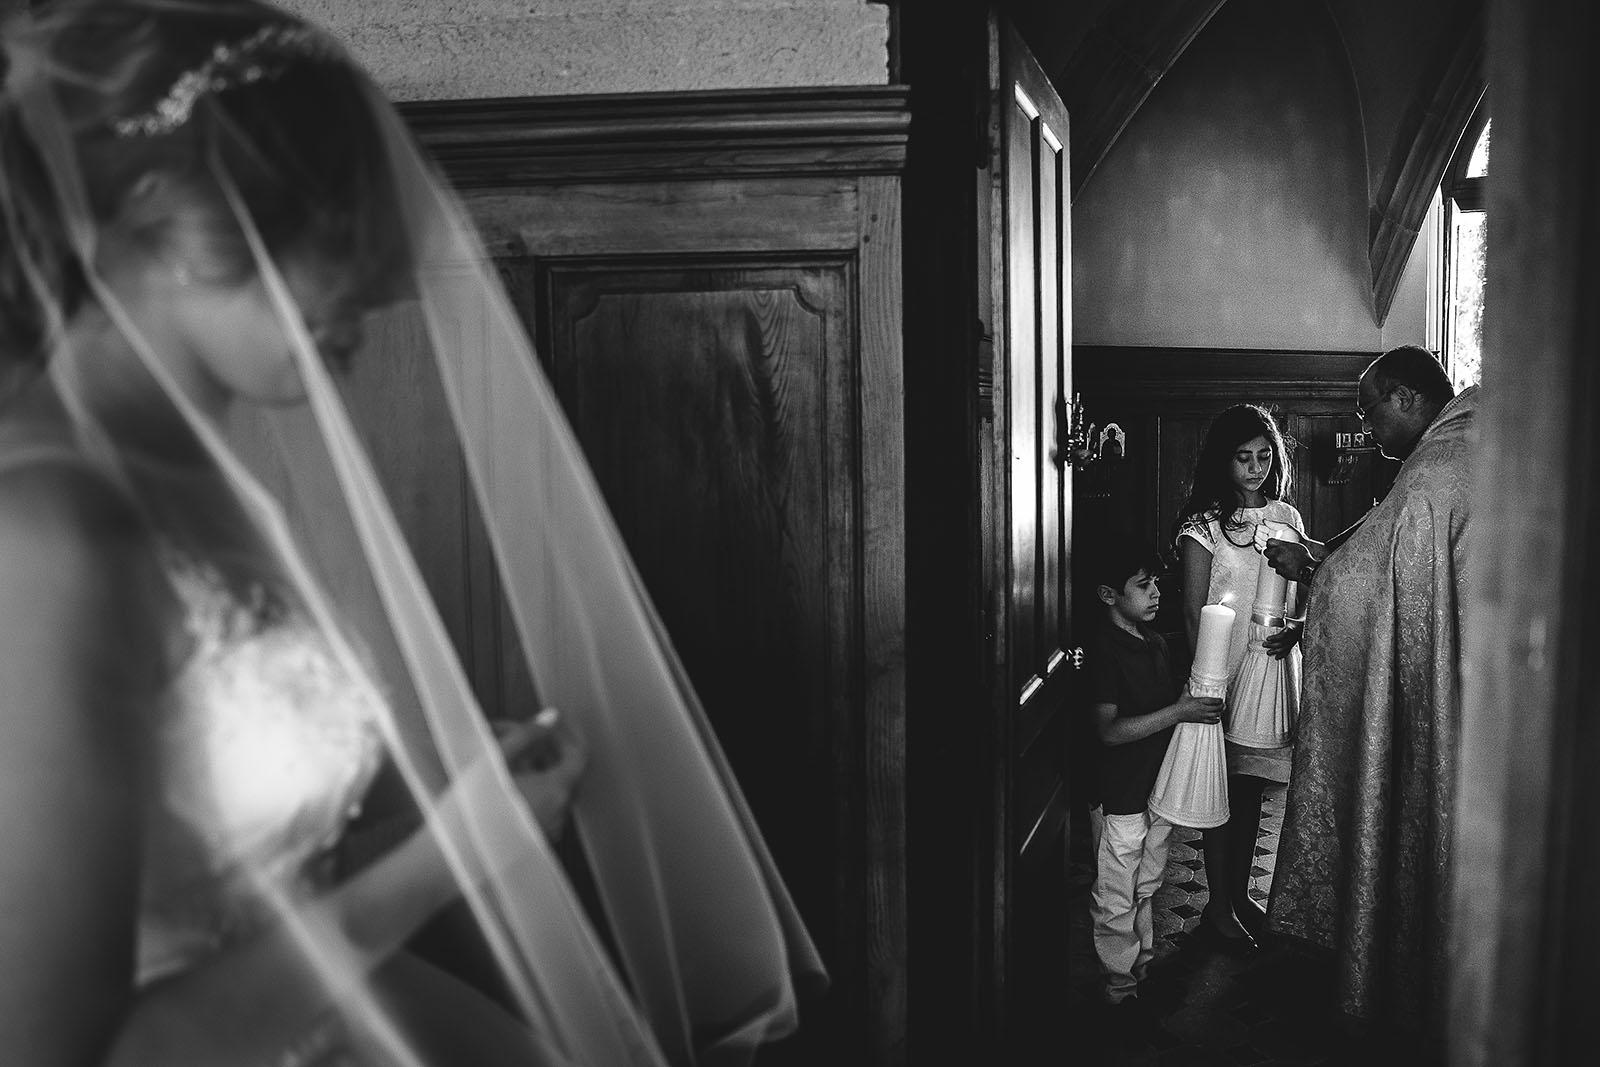 Mariage au Château de Beguin David Pommier photographe de mariage. La mariée arrive à la cérémonie religieuse